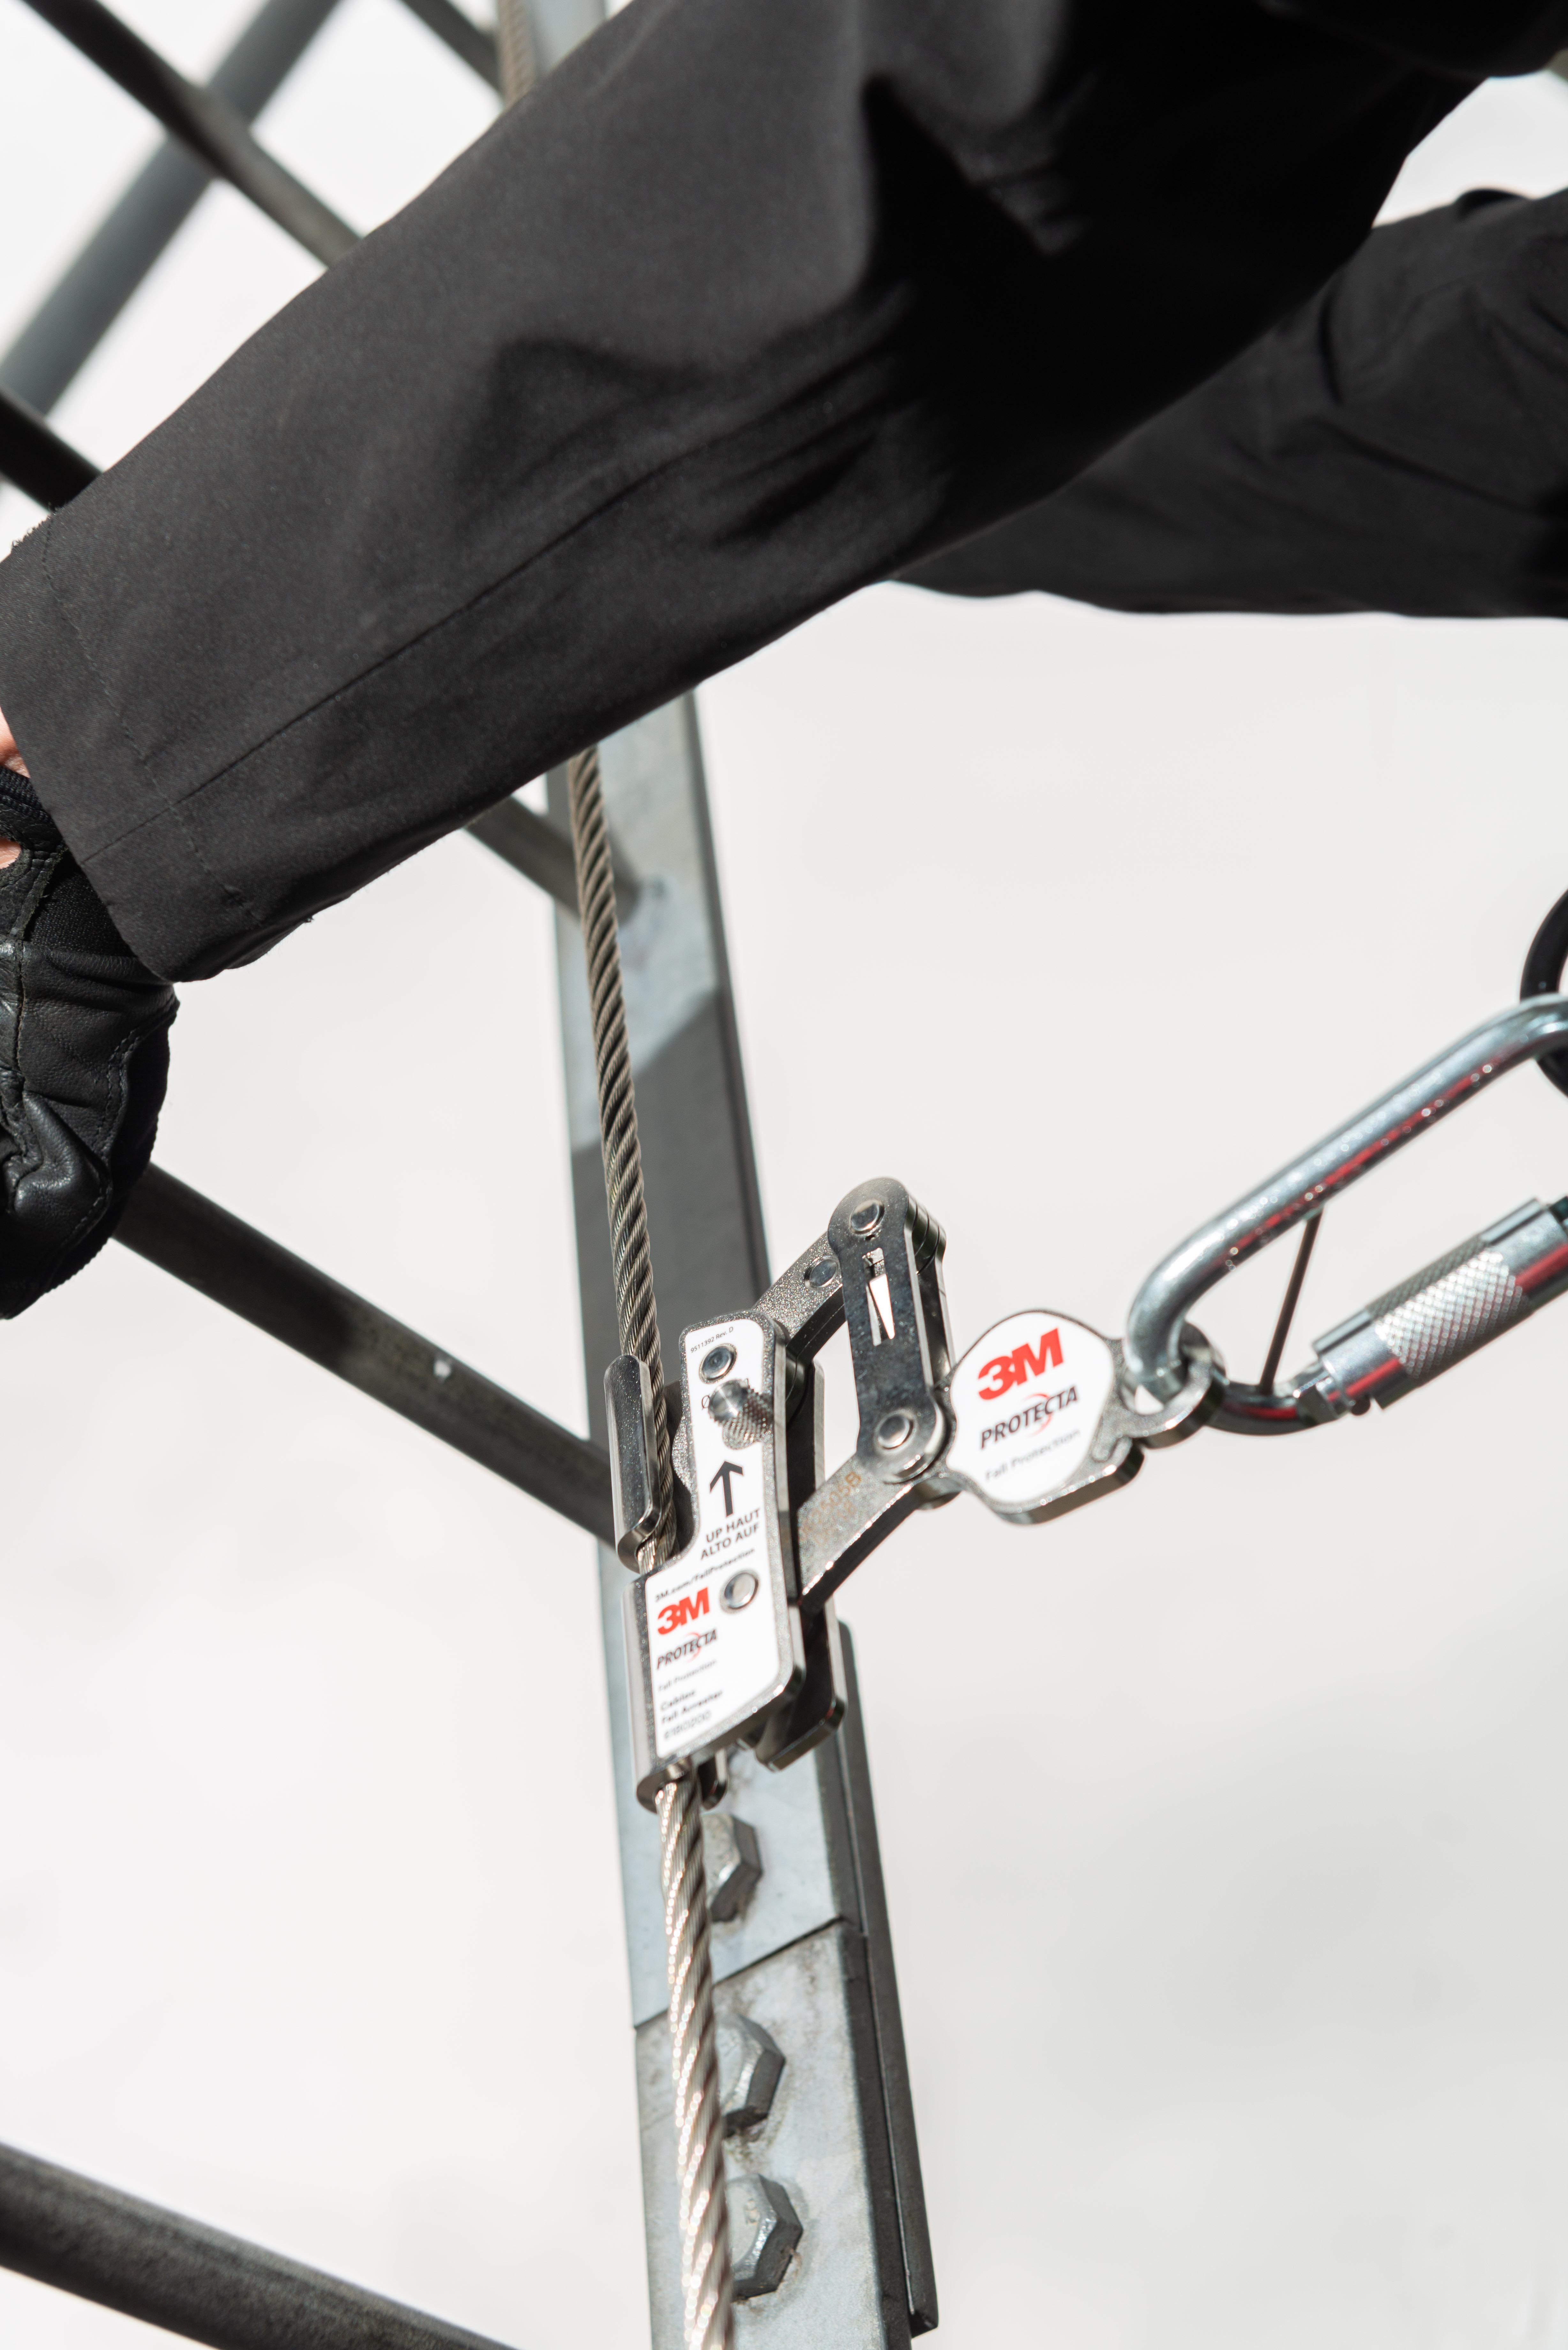 3M PROTECTA Cabloc Steigschutzläufer mit Metallfalldämpfer